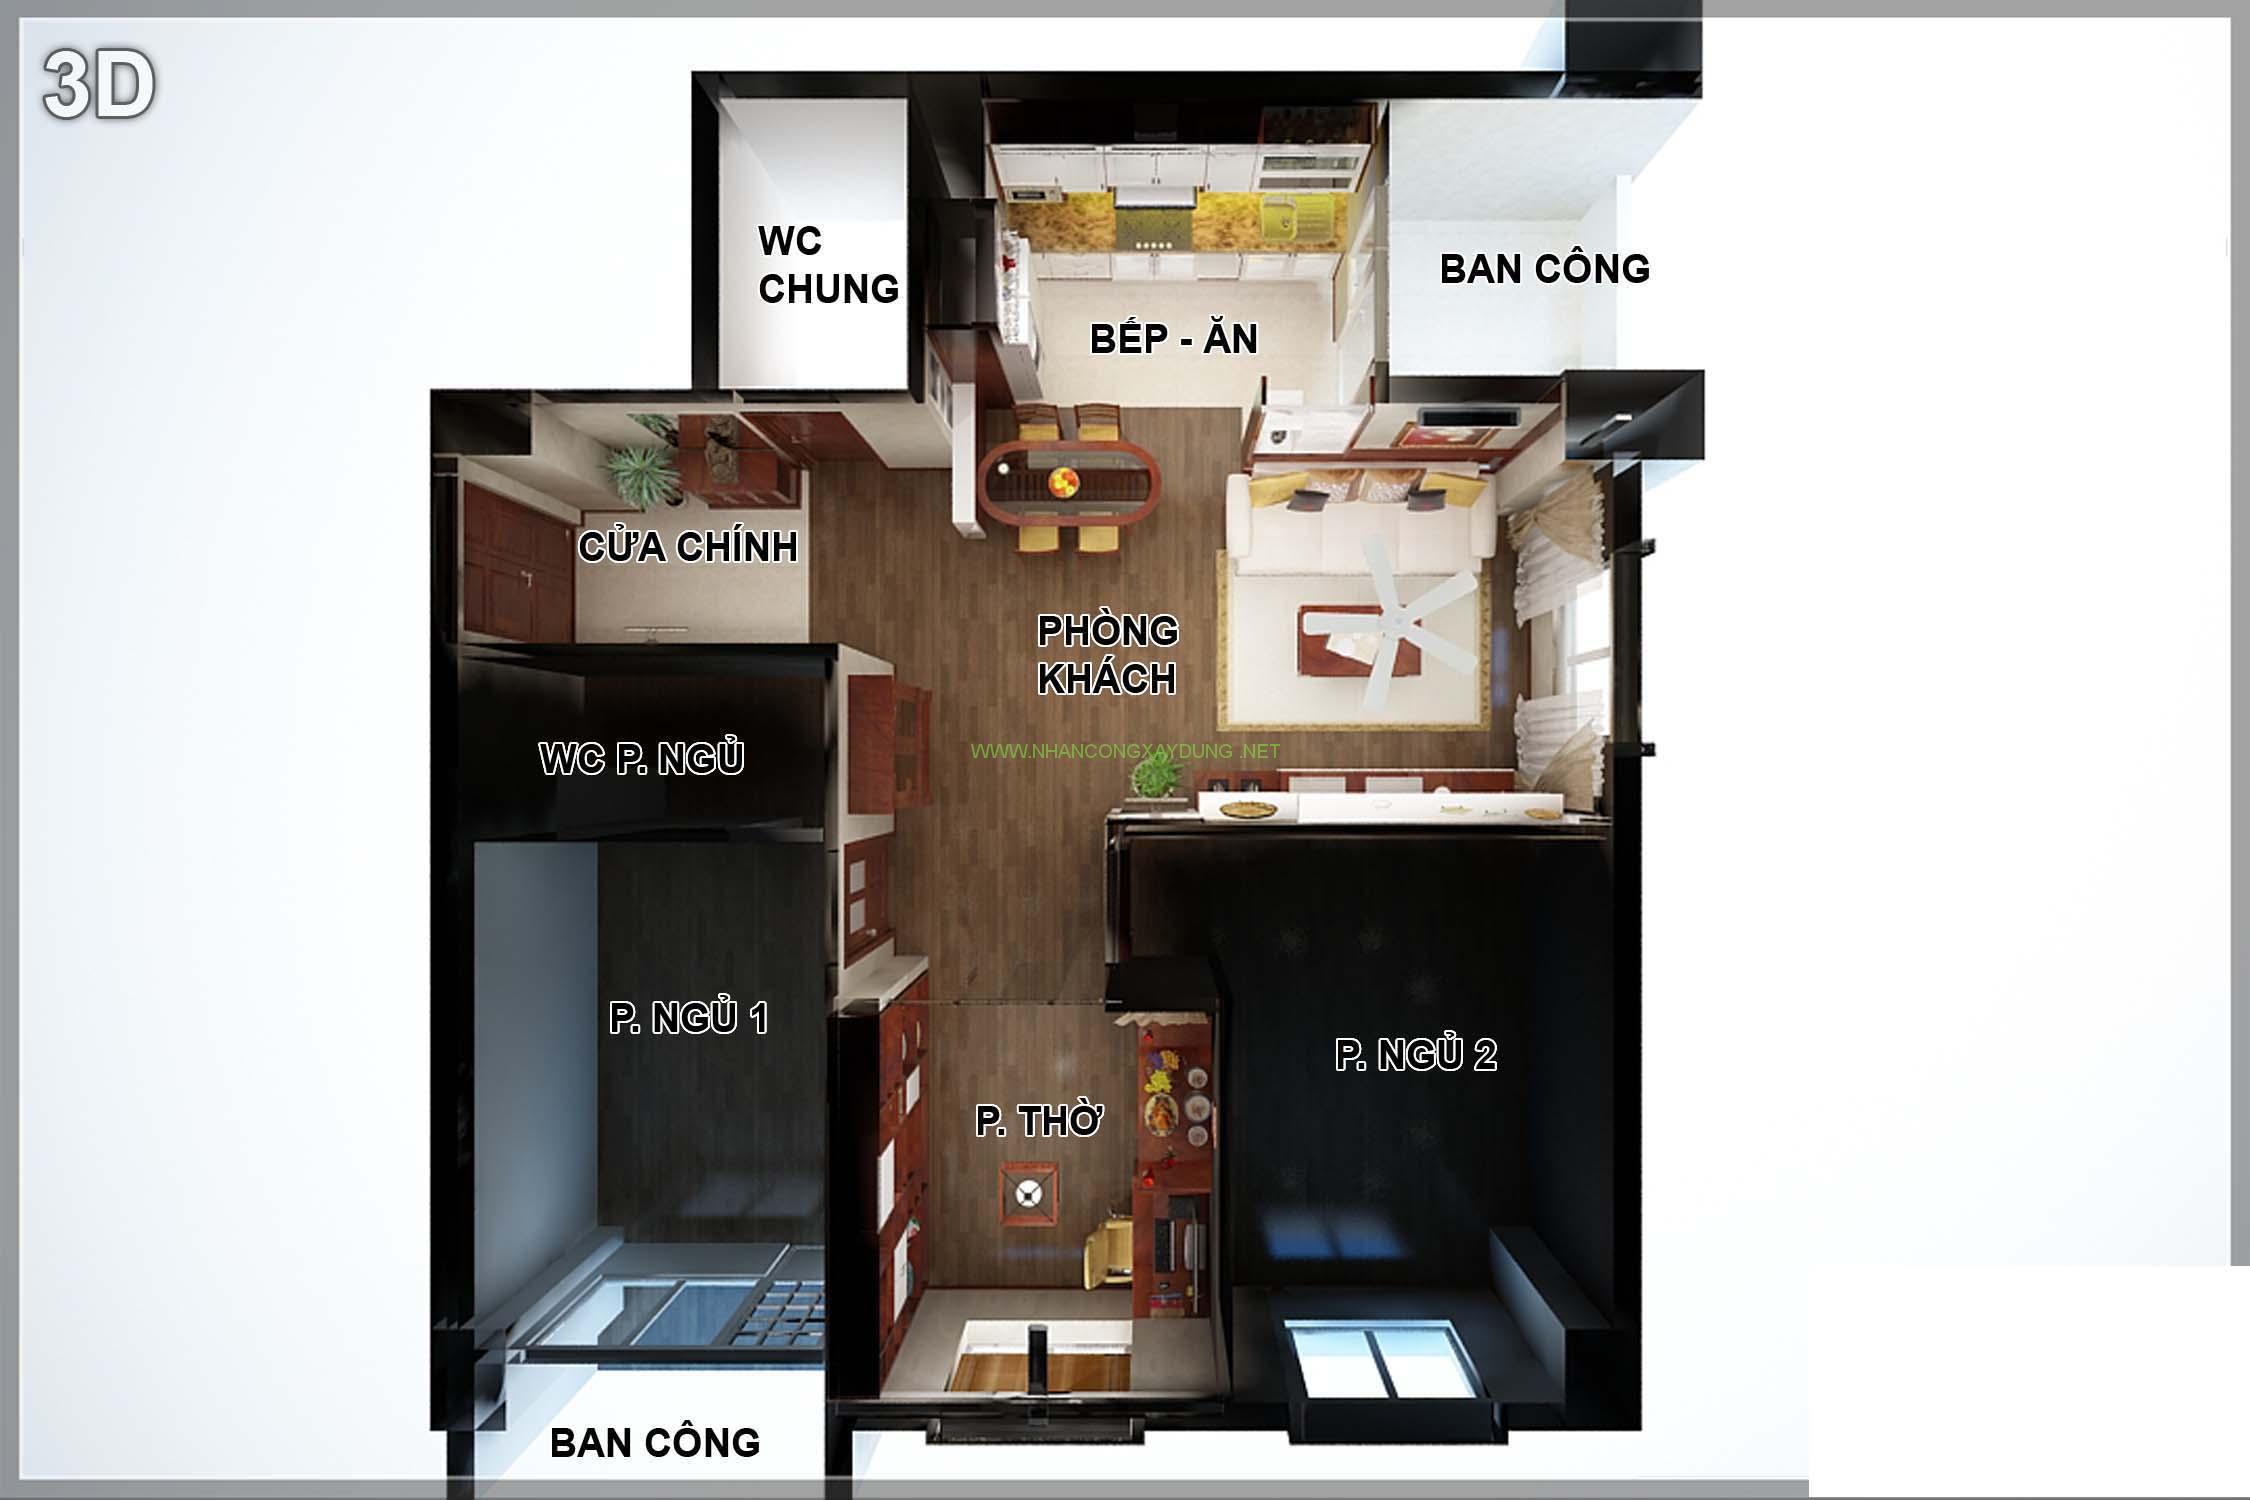 Những lưu ý lựa chọn đơn vị nhân công xây dựng để sửa chữa cảo tạo căn hộ chung cư